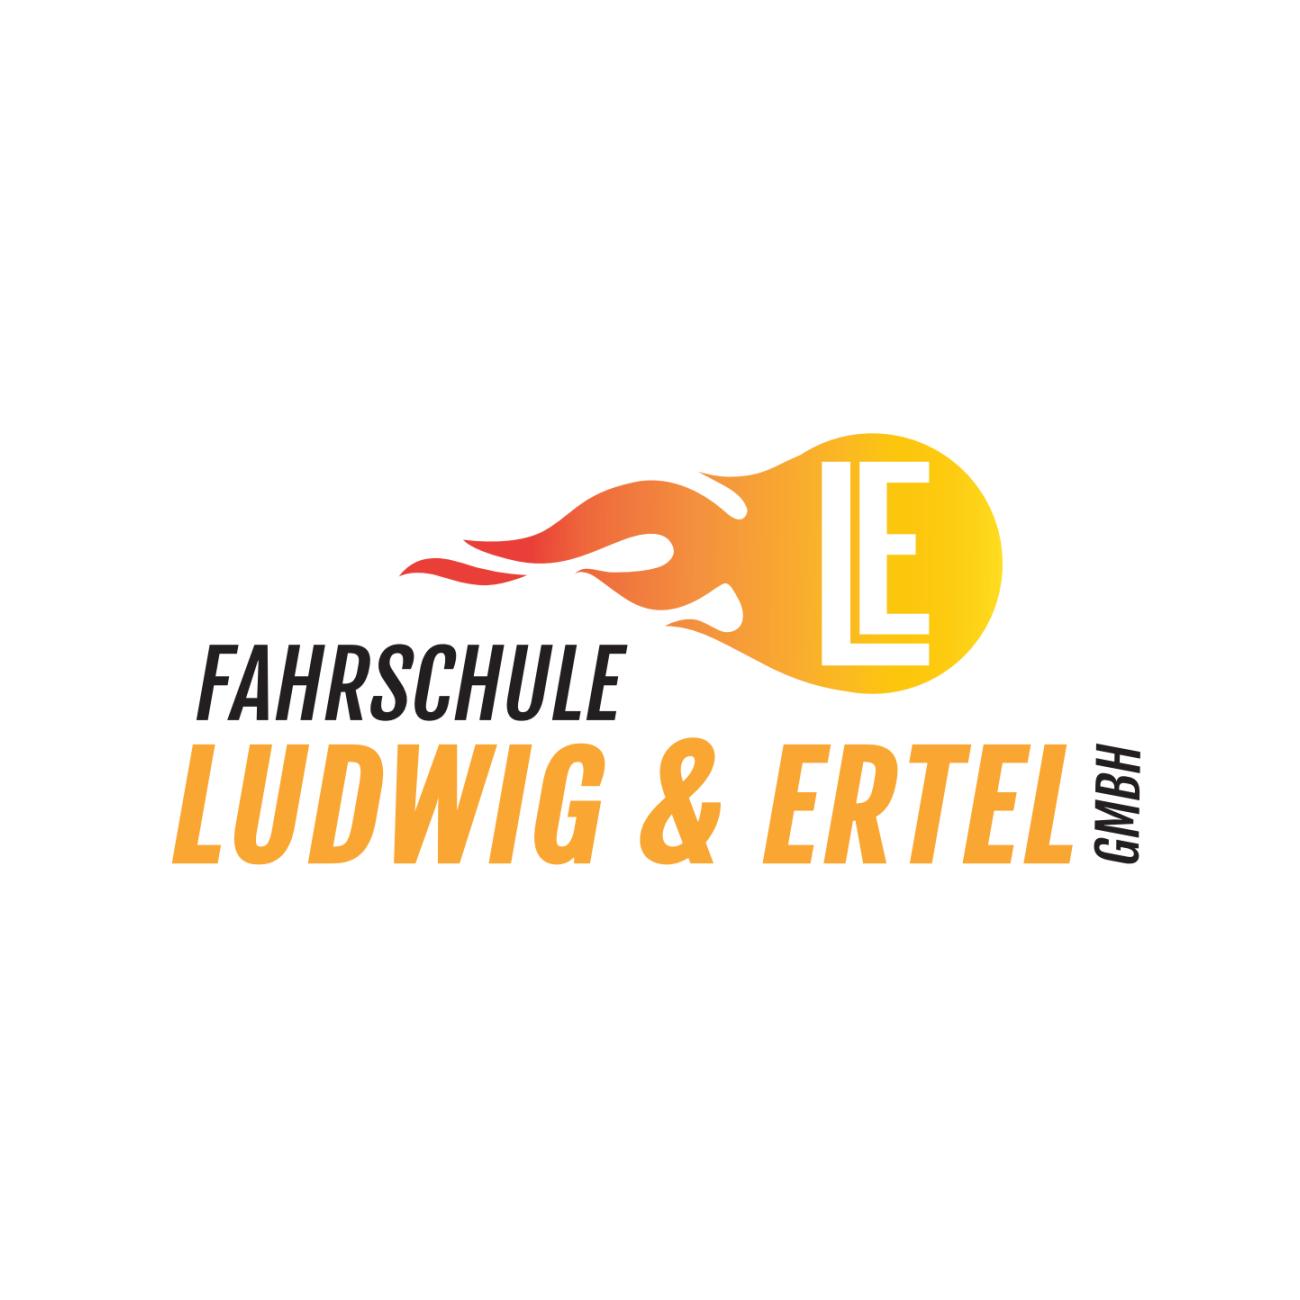 Fahrschule Ludwig & Ertel GmbH